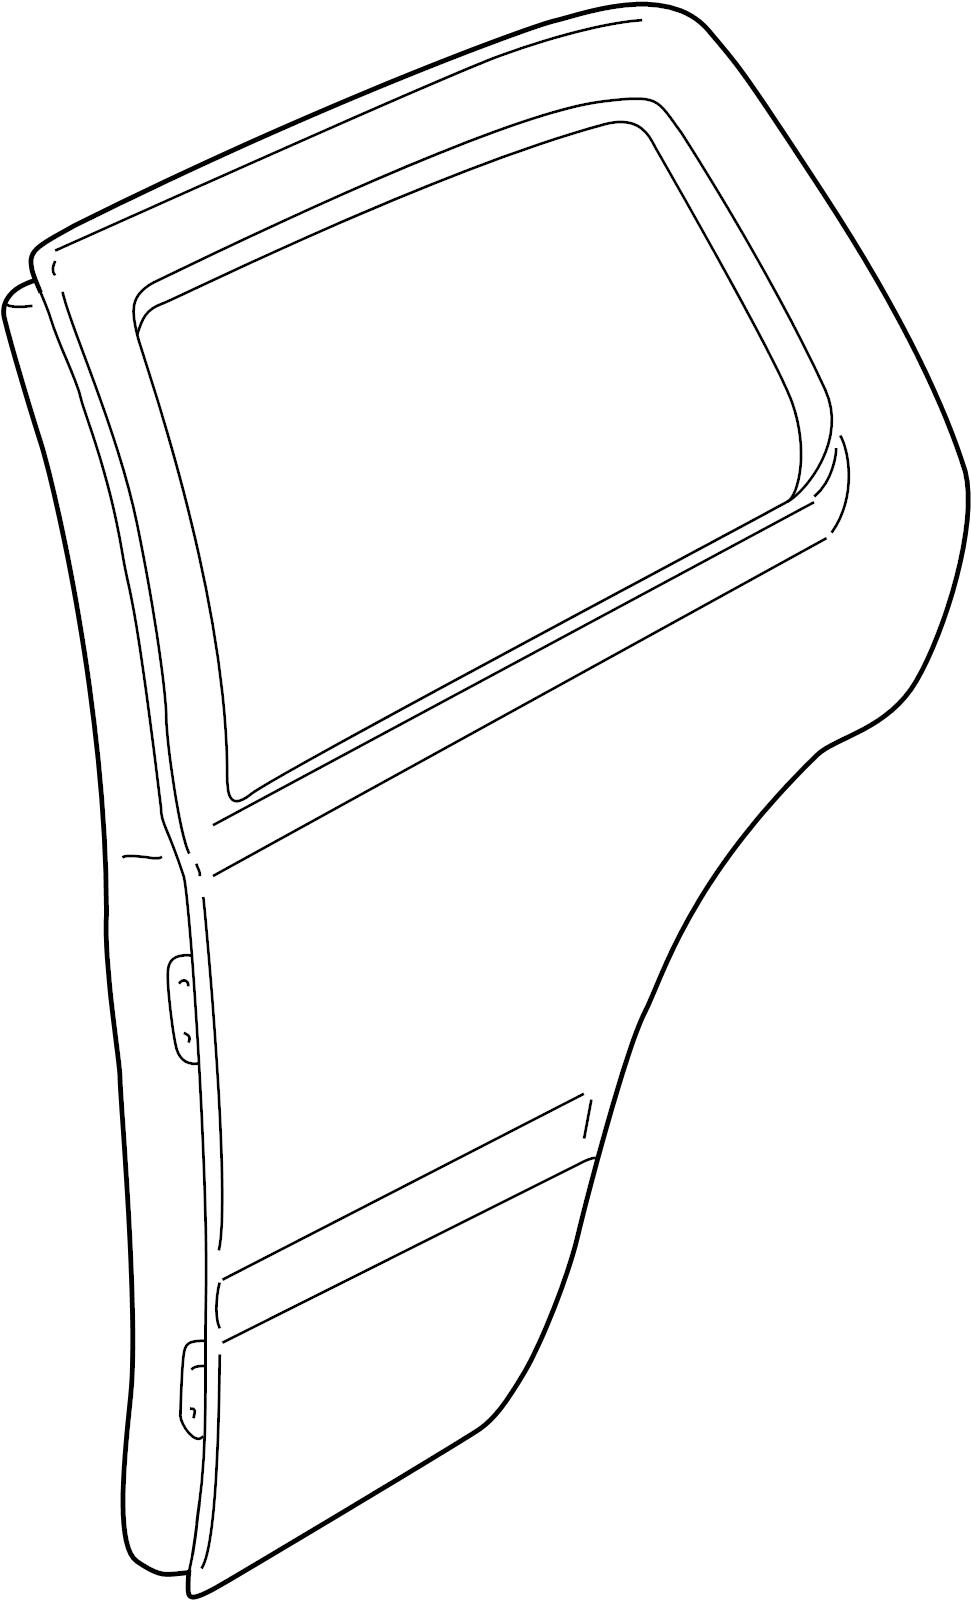 Volkswagen Jetta Gli Molding  Trim  Body  Sedan  Wagon  Side  Channel Cover  Door  Lower  Strip